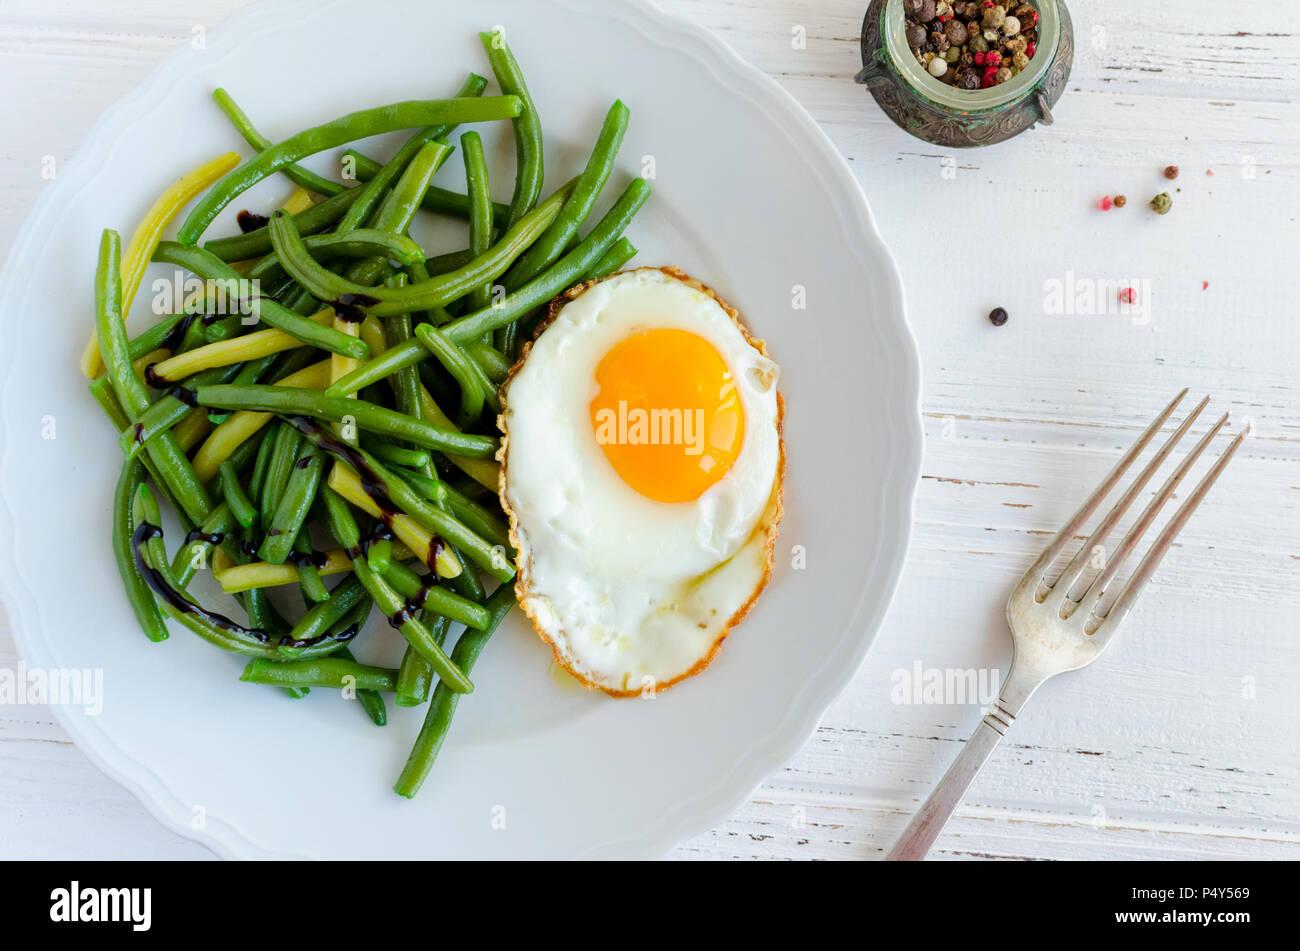 Haricots verts cuits avec la sauce balsamique glassa et œuf frit en plaque blanche sur fond de bois avec une fourchette. Concept alimentaire végétarien sain. Vue d'en haut. Photo Stock